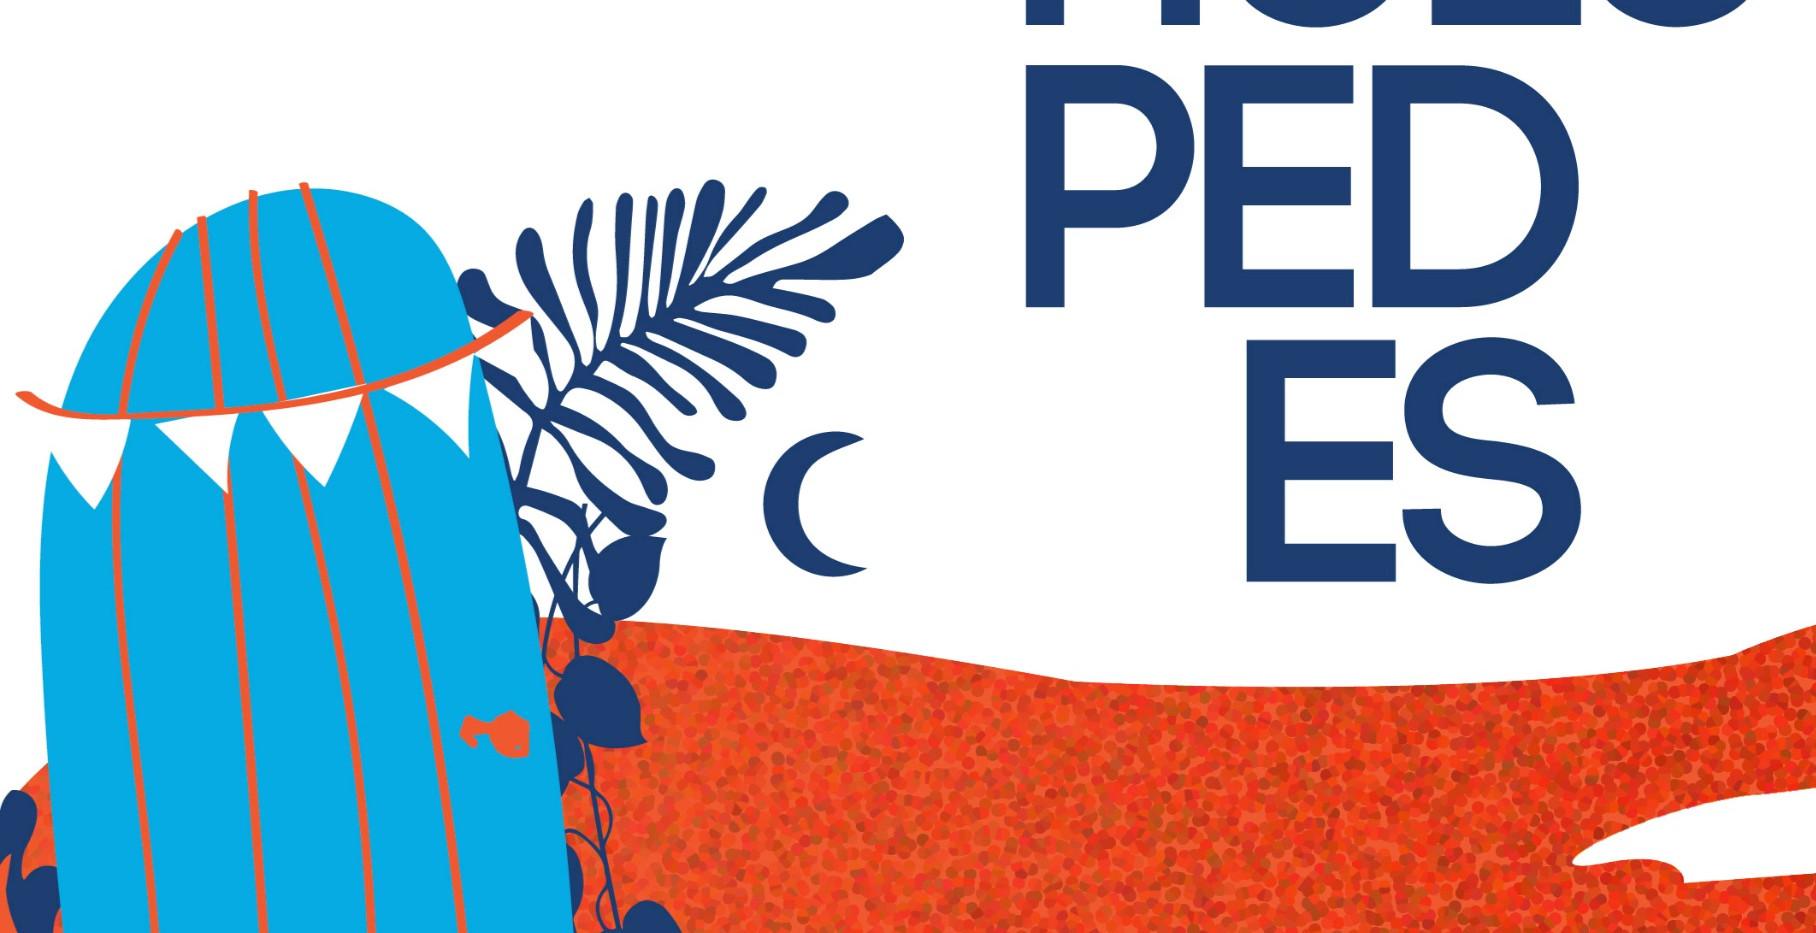 huespedes-01 editado.jpg